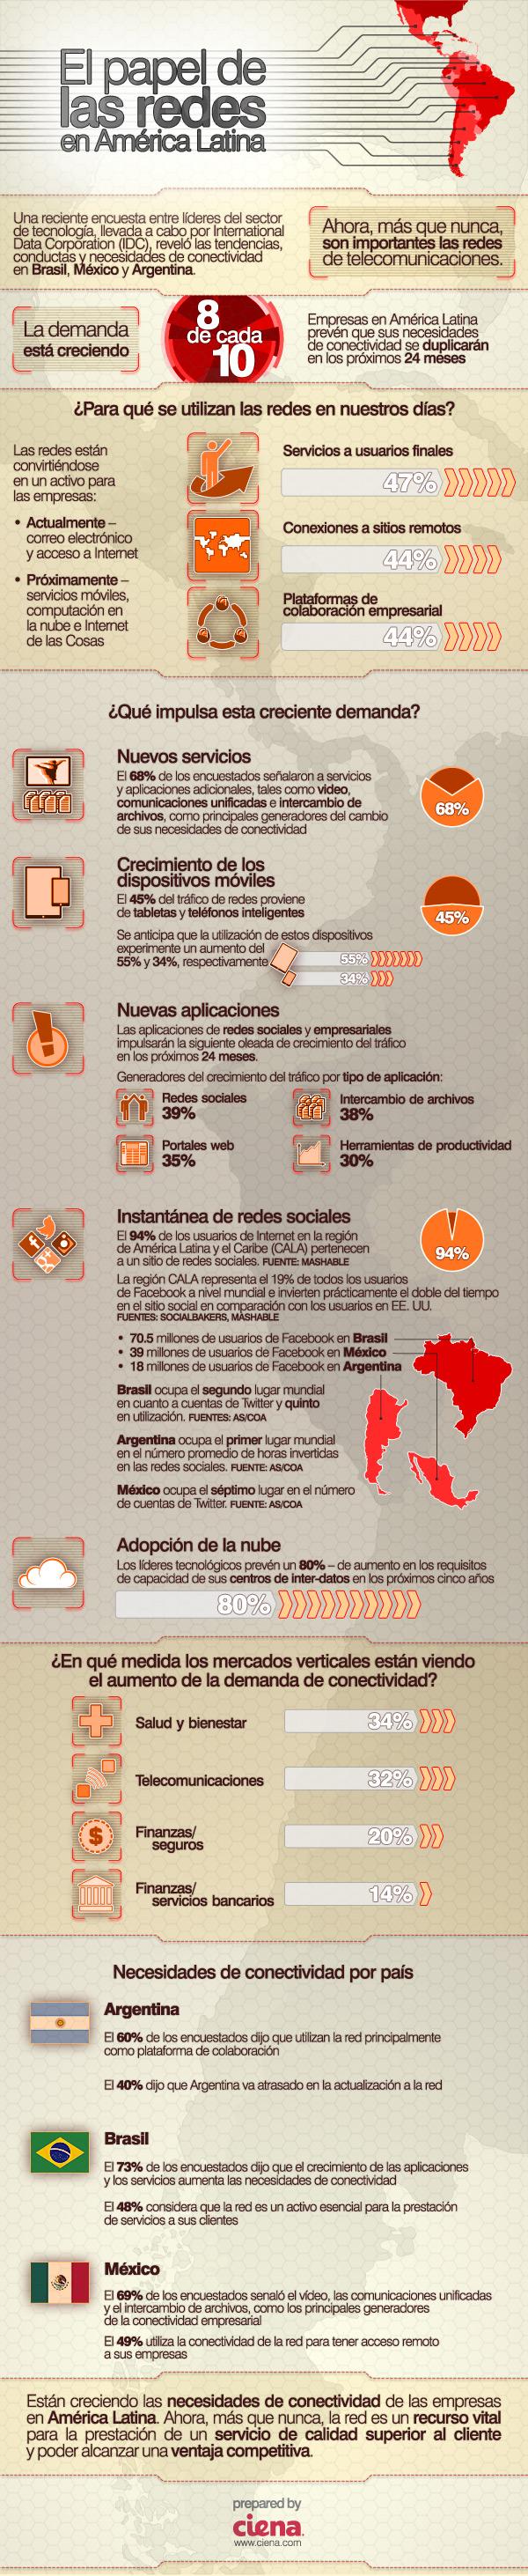 Pepel de las Redes Sociales en Latinoamérica